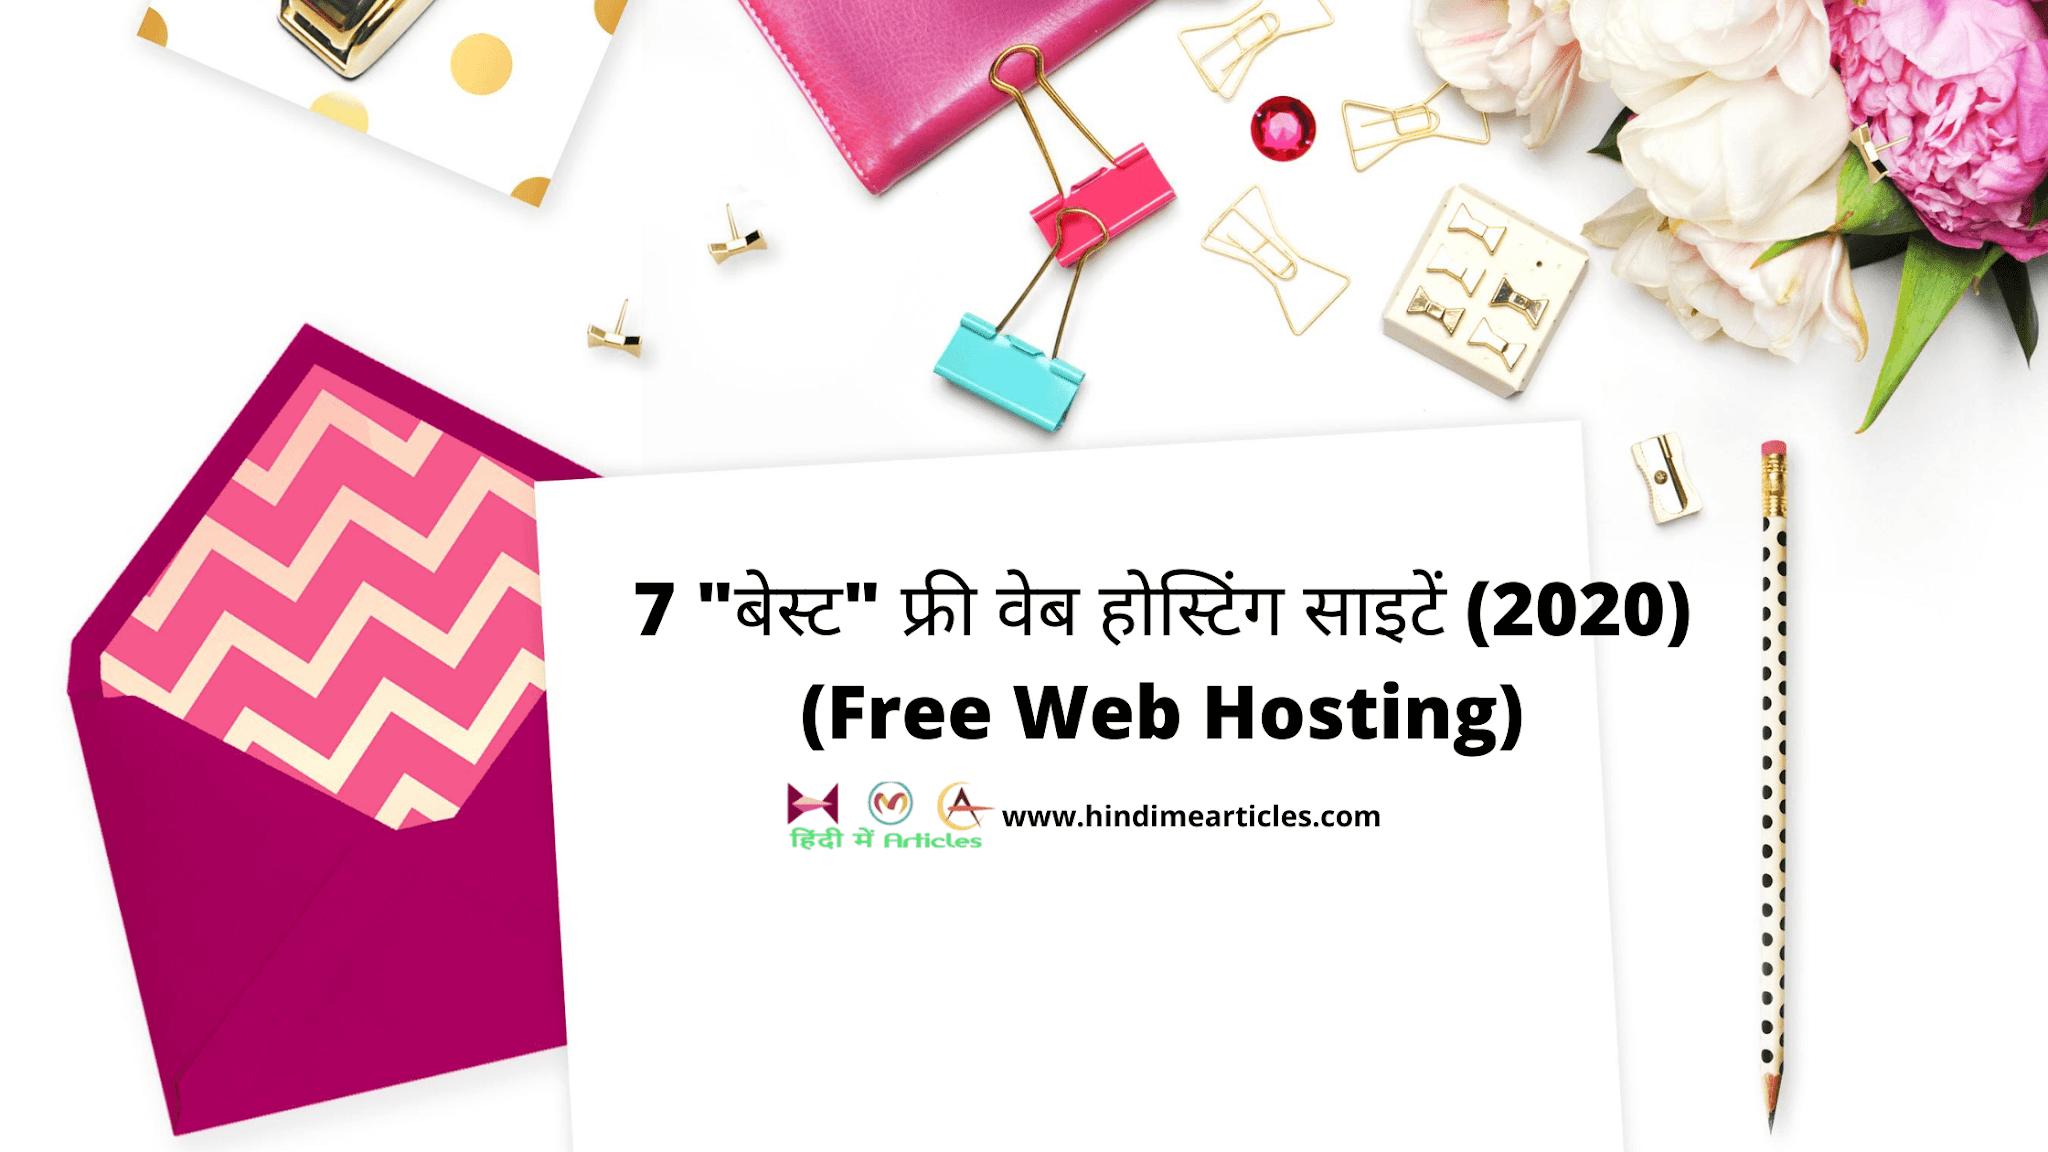 """7 """"बेस्ट"""" फ्री वेब होस्टिंग साइटें (2020) (Free Web Hosting)"""